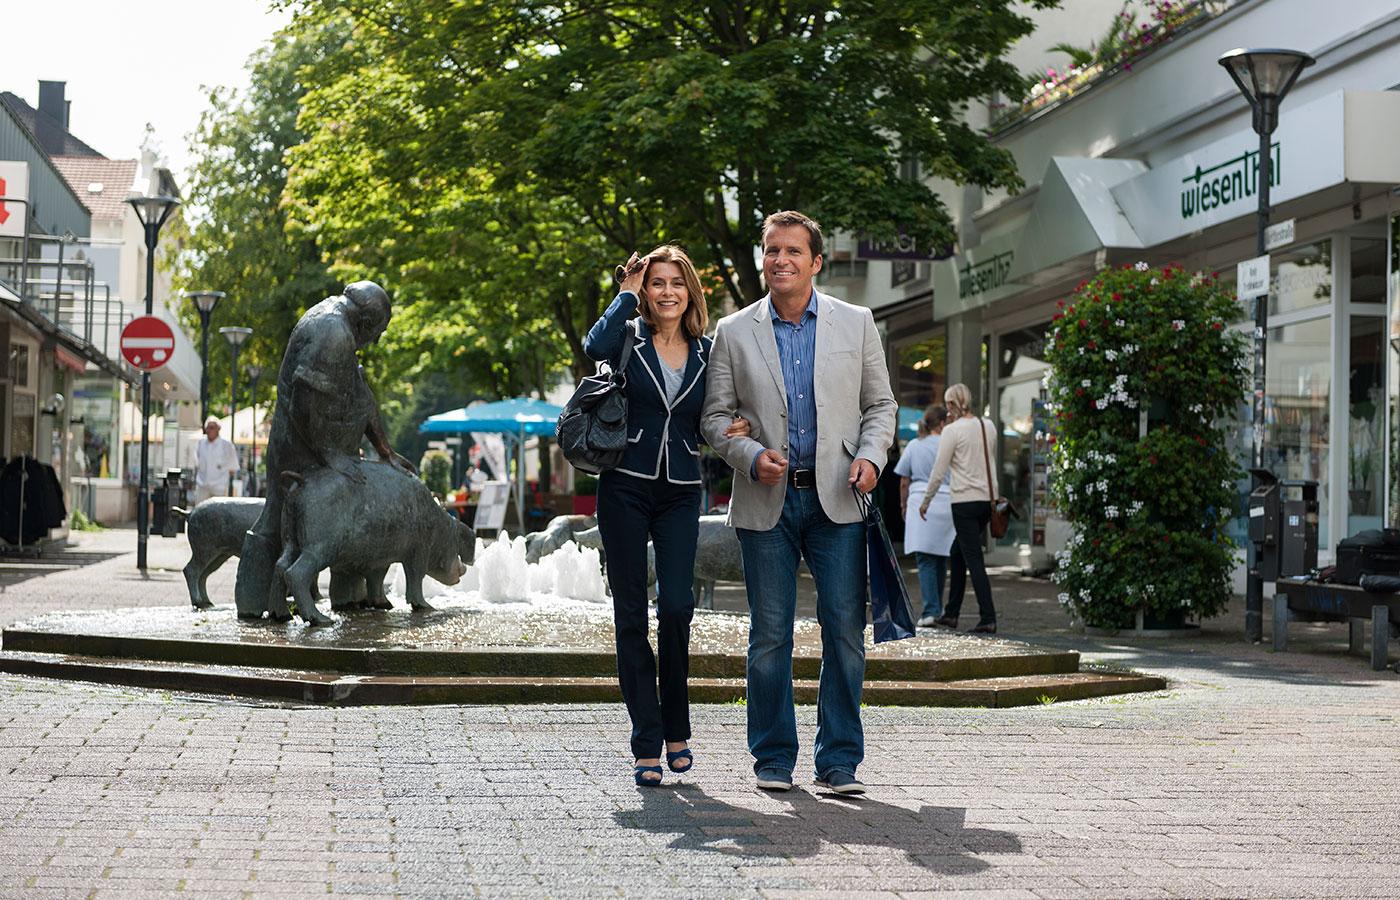 Initiative Bad Oeynhausen - Die Innenstadt entdecken